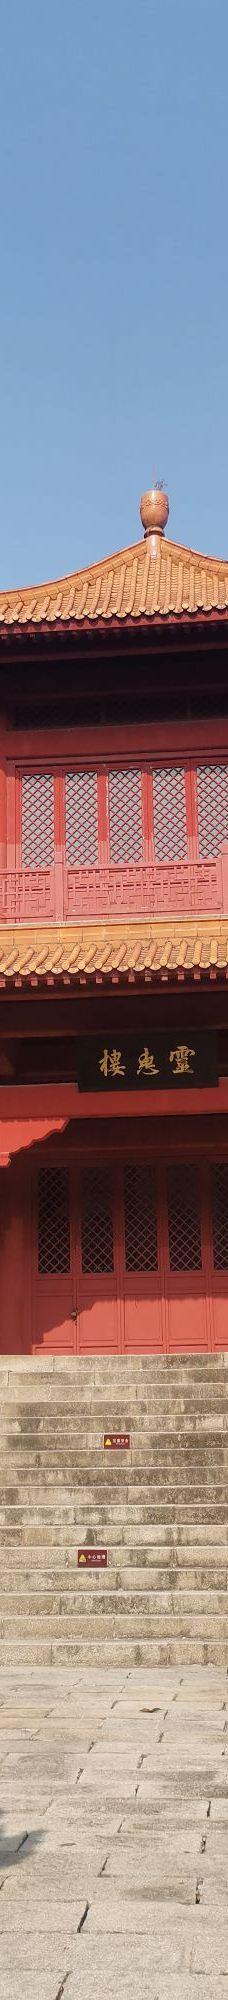 南沙天后宫-广州